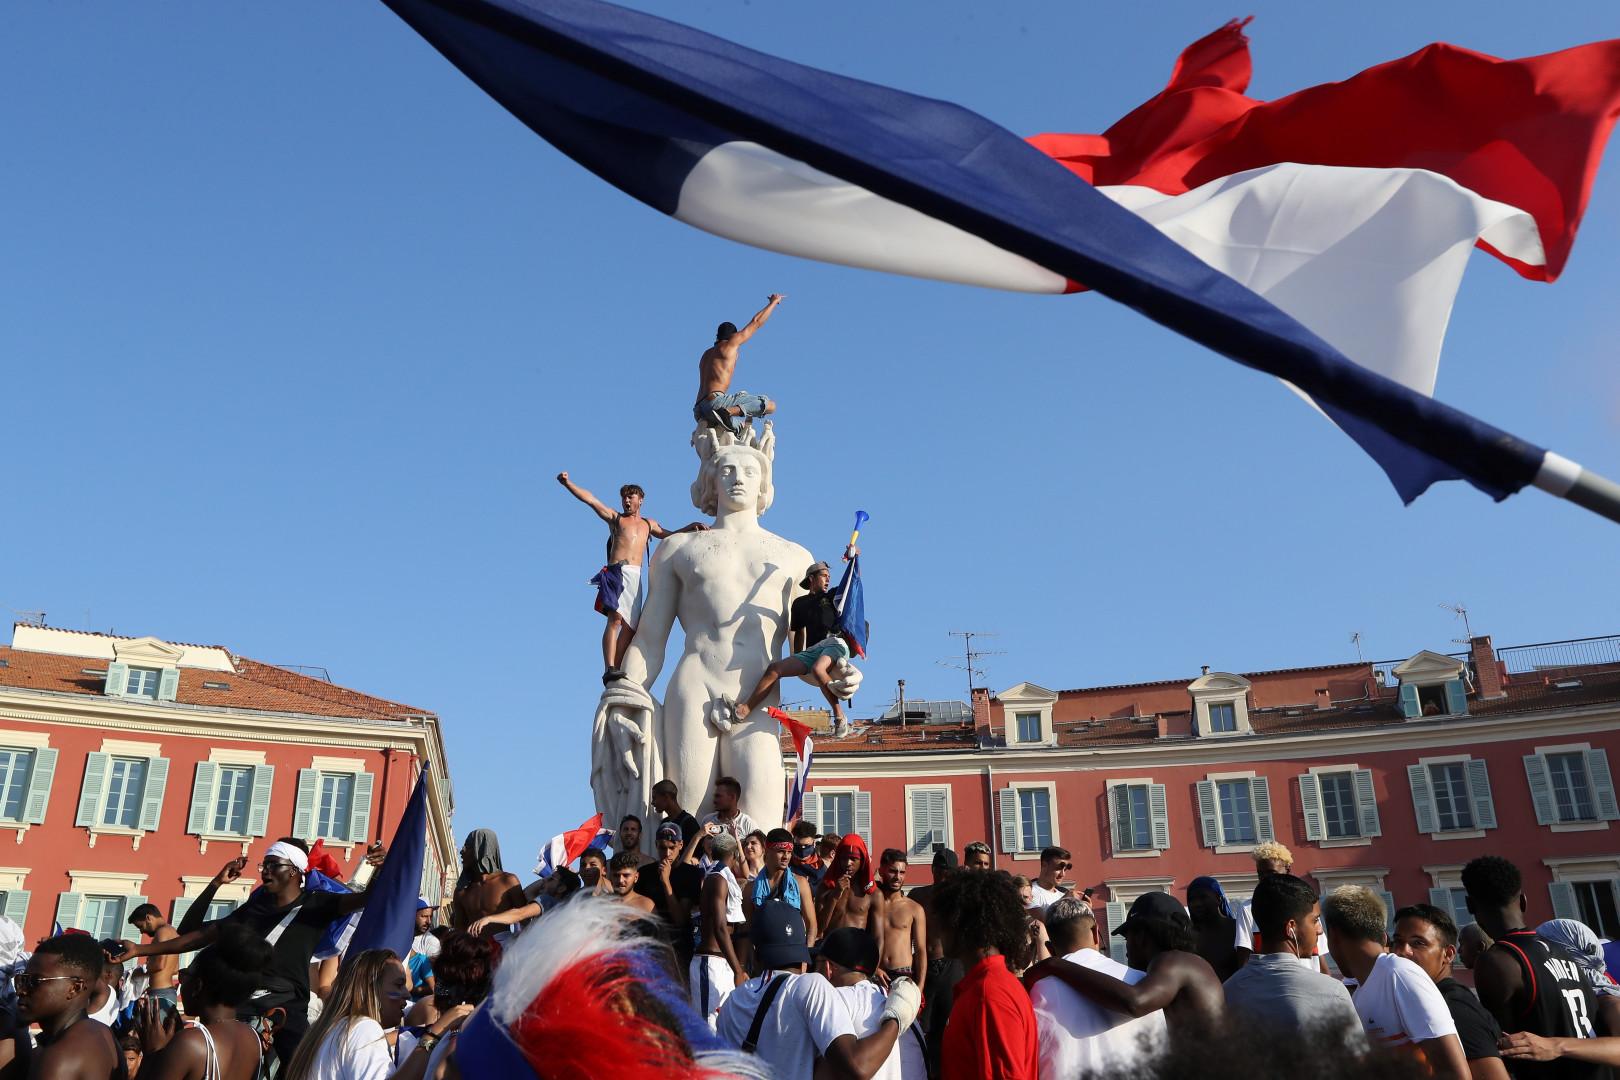 Des supporters montent sur la statue de la place Masséna à Nice le 15 juillet 2018